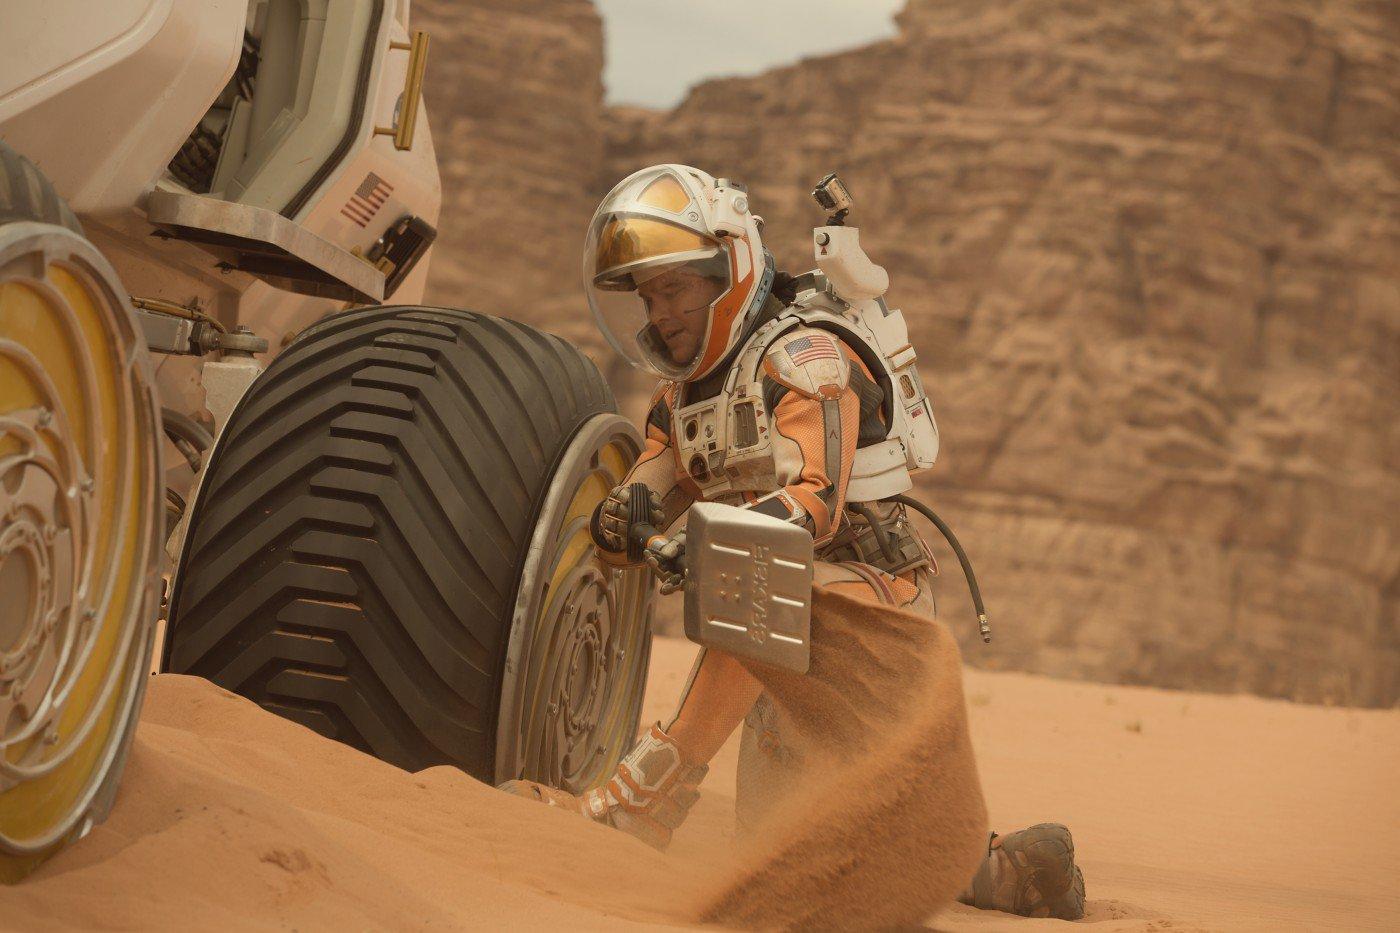 The Martian 02